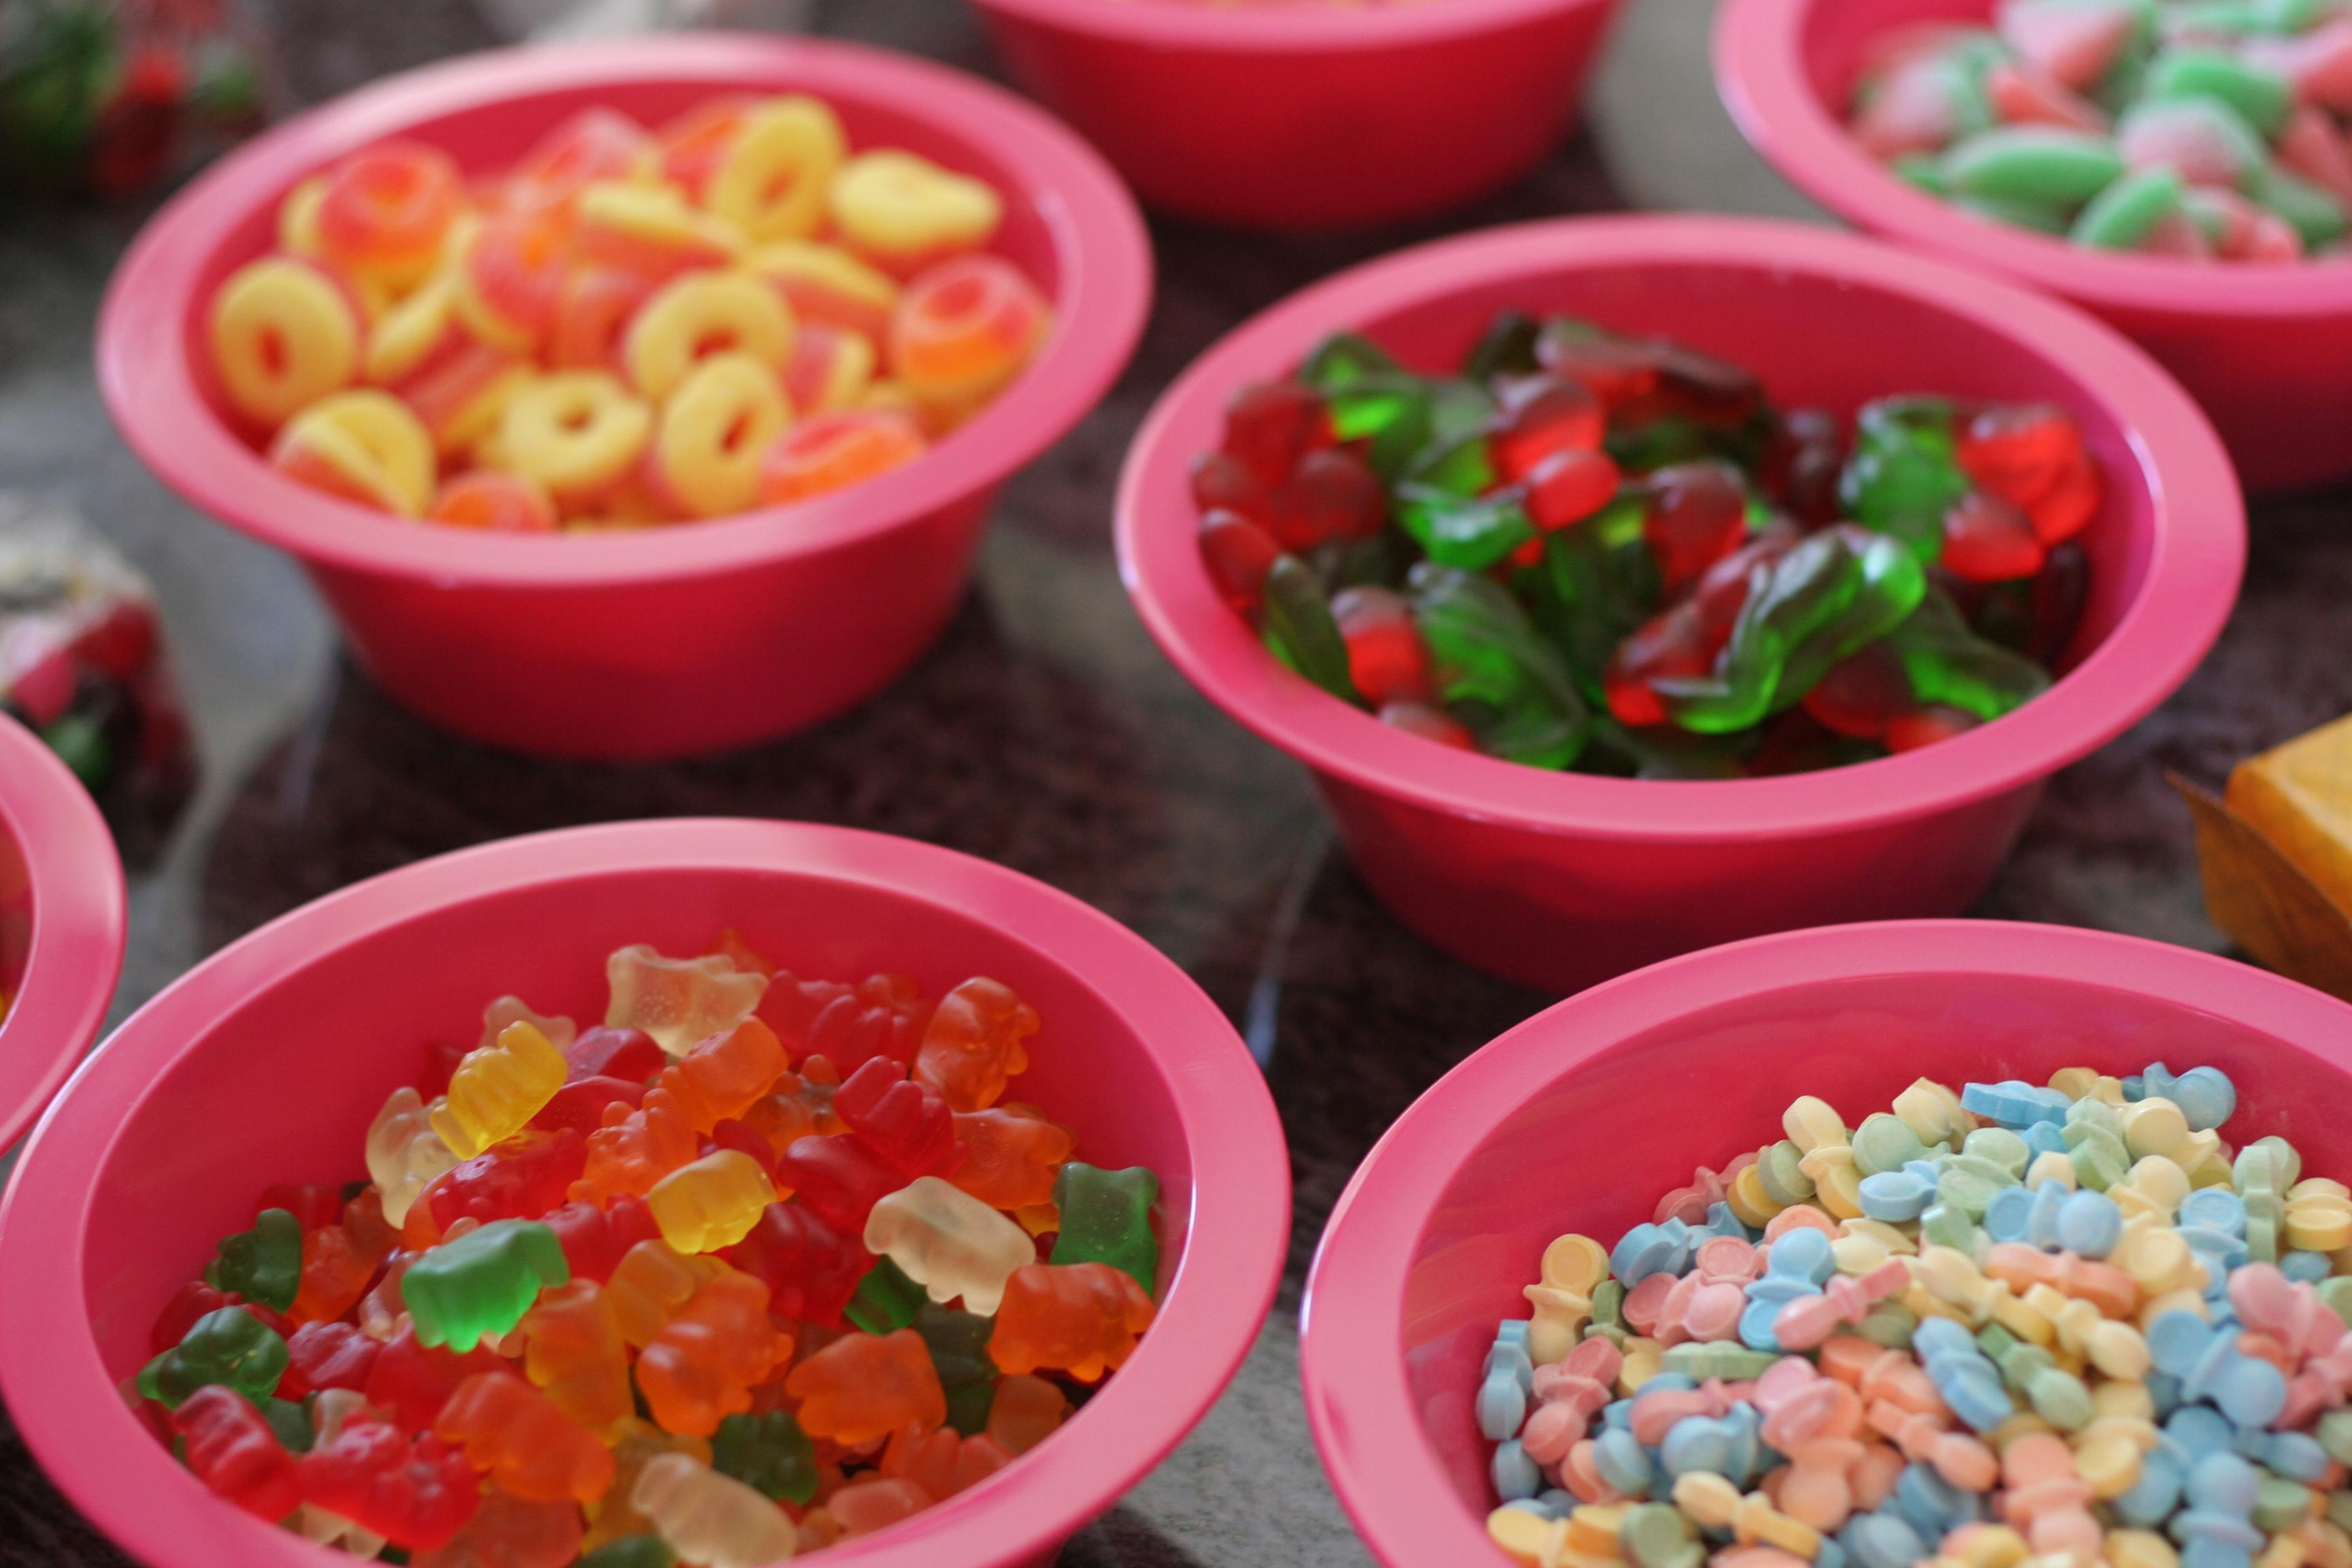 mp carle shower plat de bonbons